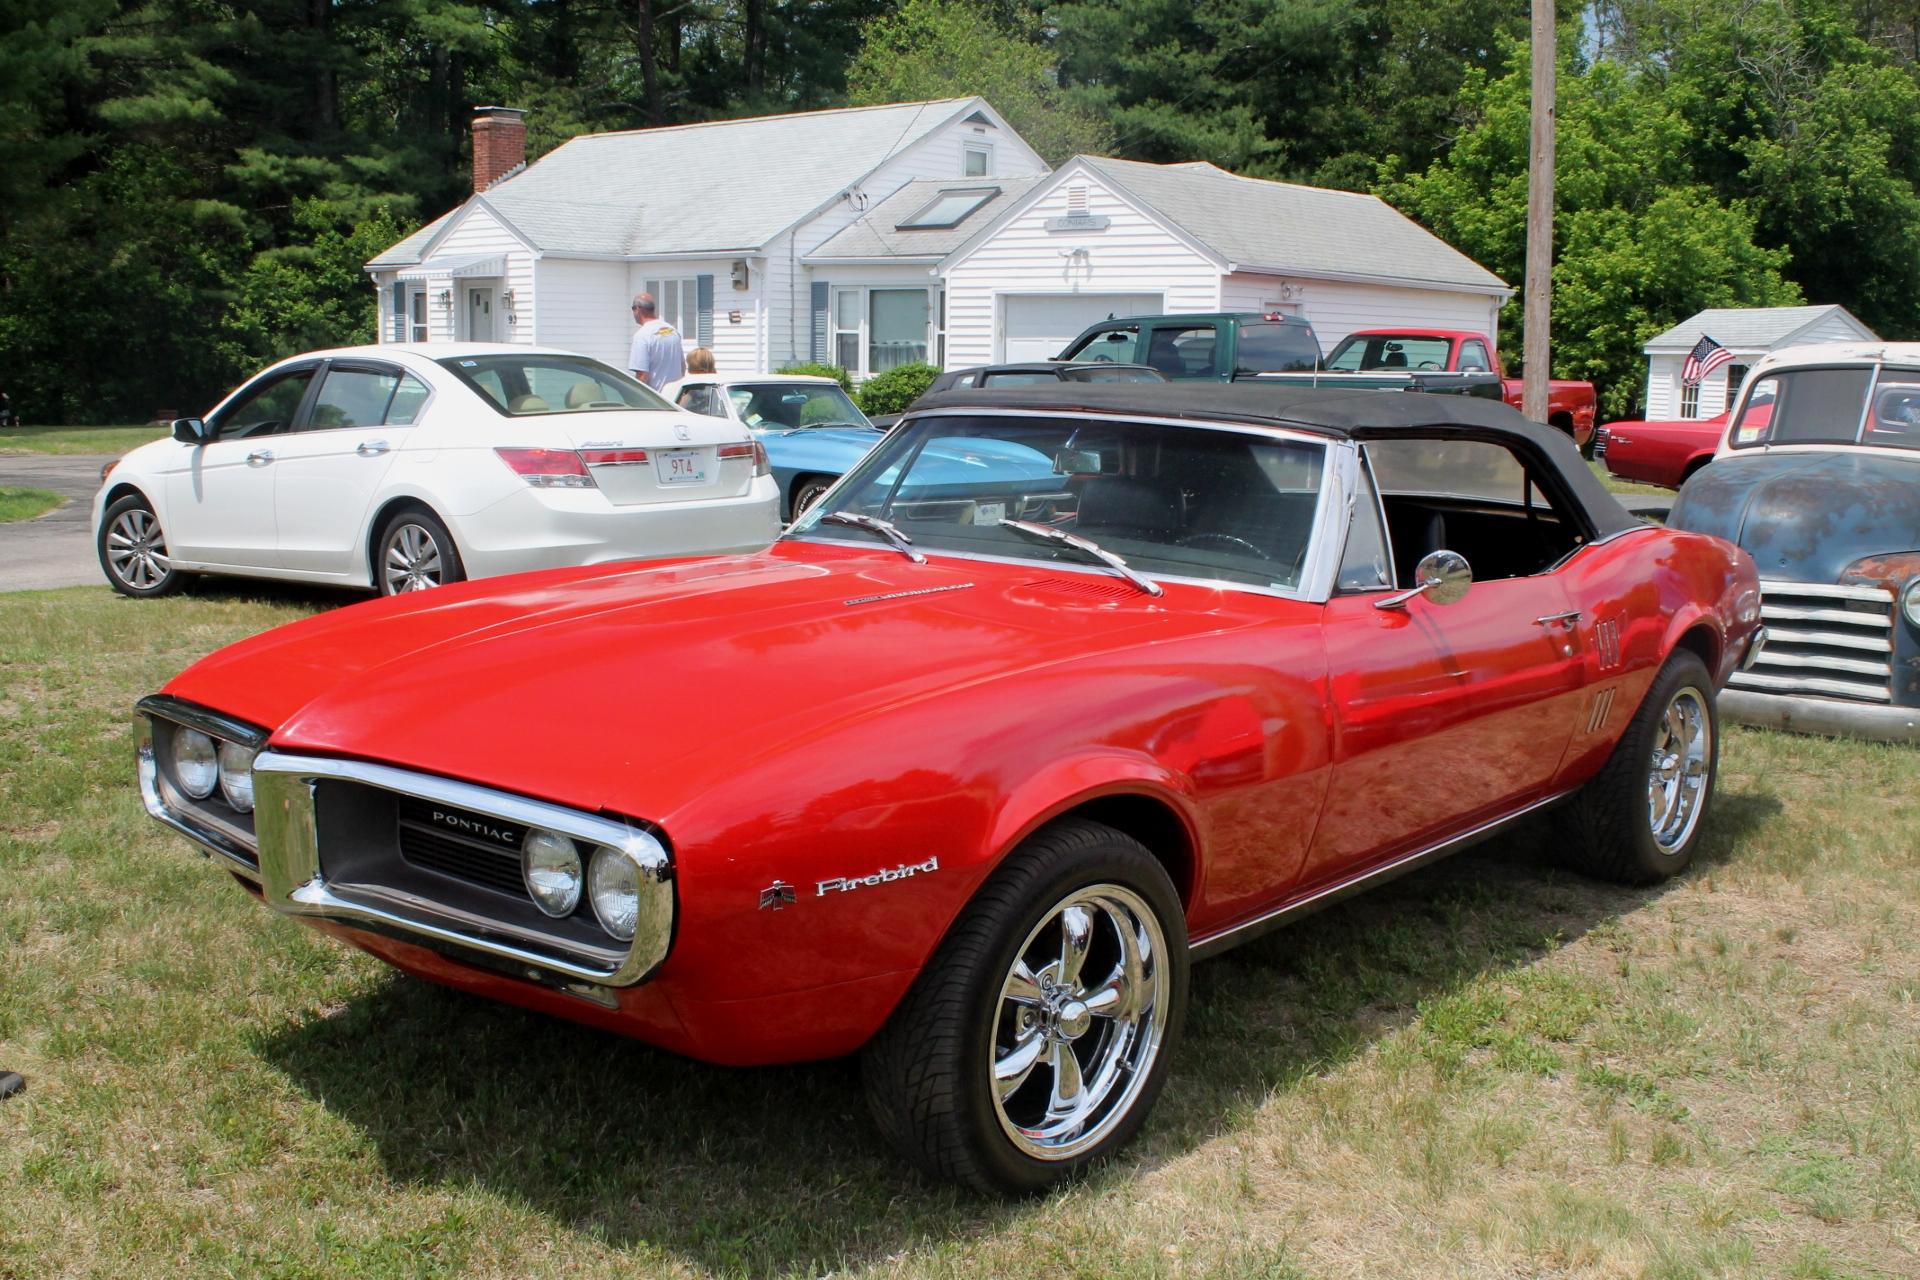 1967 Pontiac Firebird: Pontiac Enters The Pony Car Market |